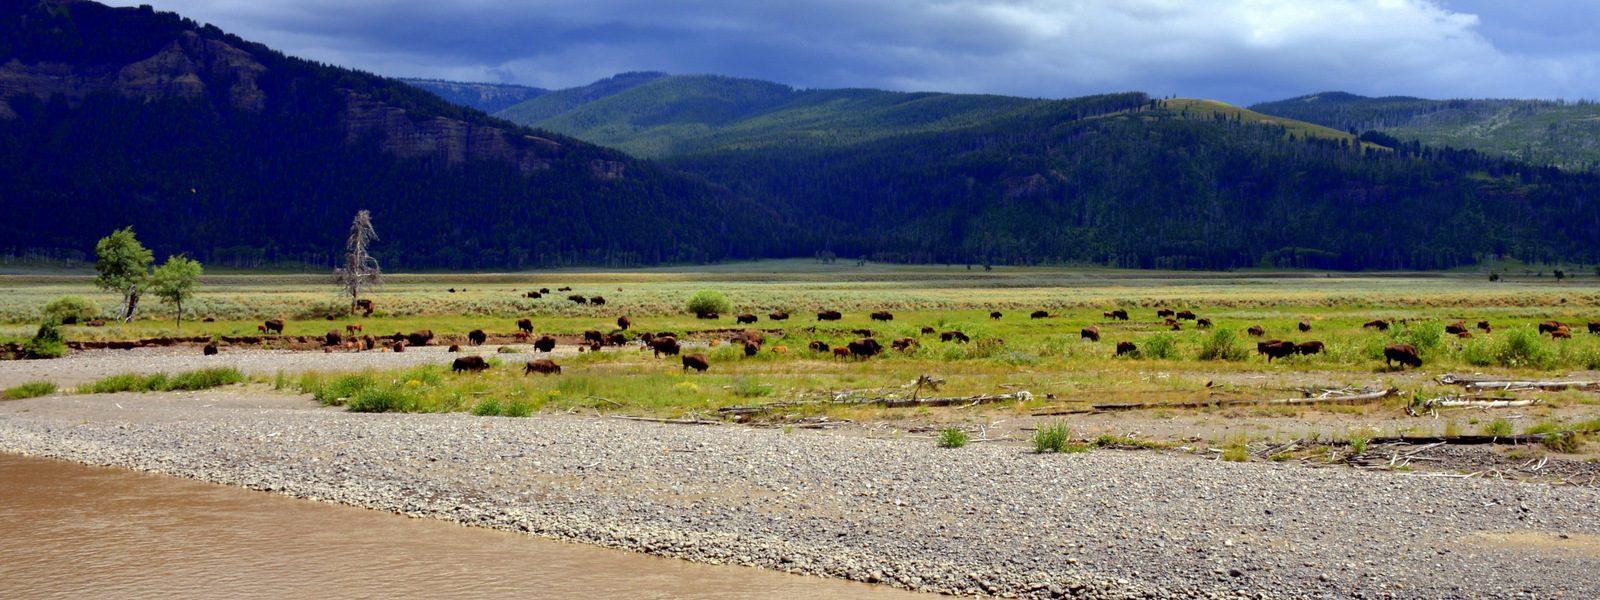 Naš izbor: 5 razlogov, zakaj morate vsaj enkrat v življenju obiskati Yellowstone – najstarejši nacionalni park na svetu